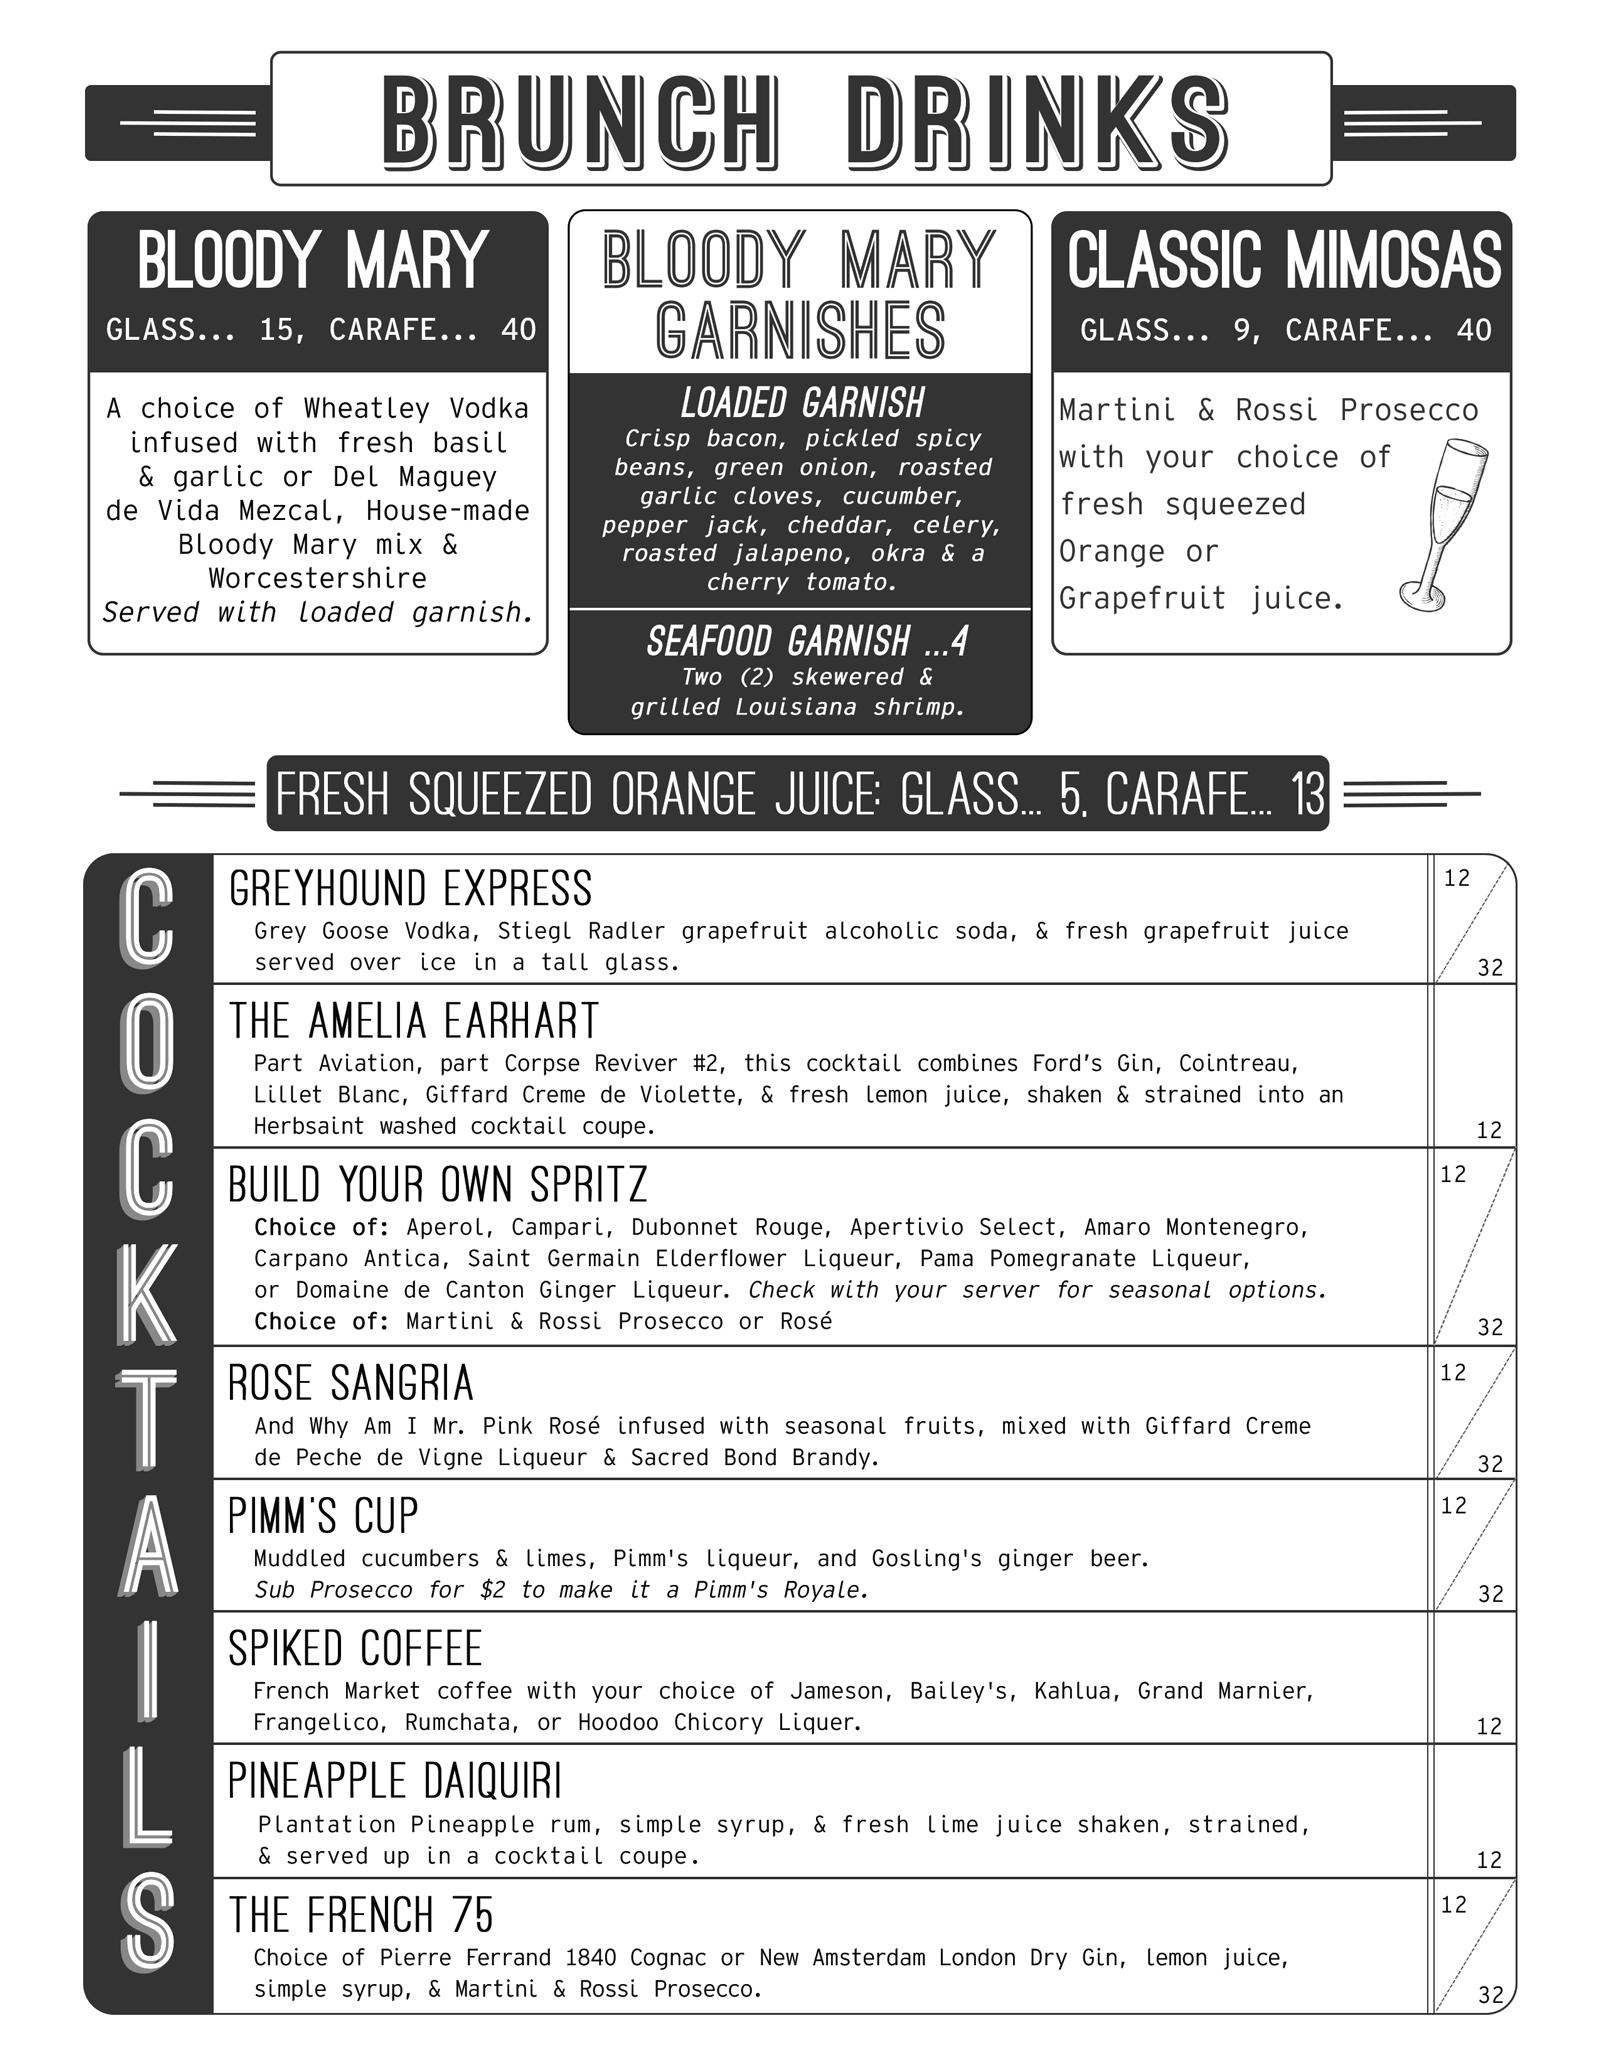 Maison New Orleans Brunch Cocktails Menu